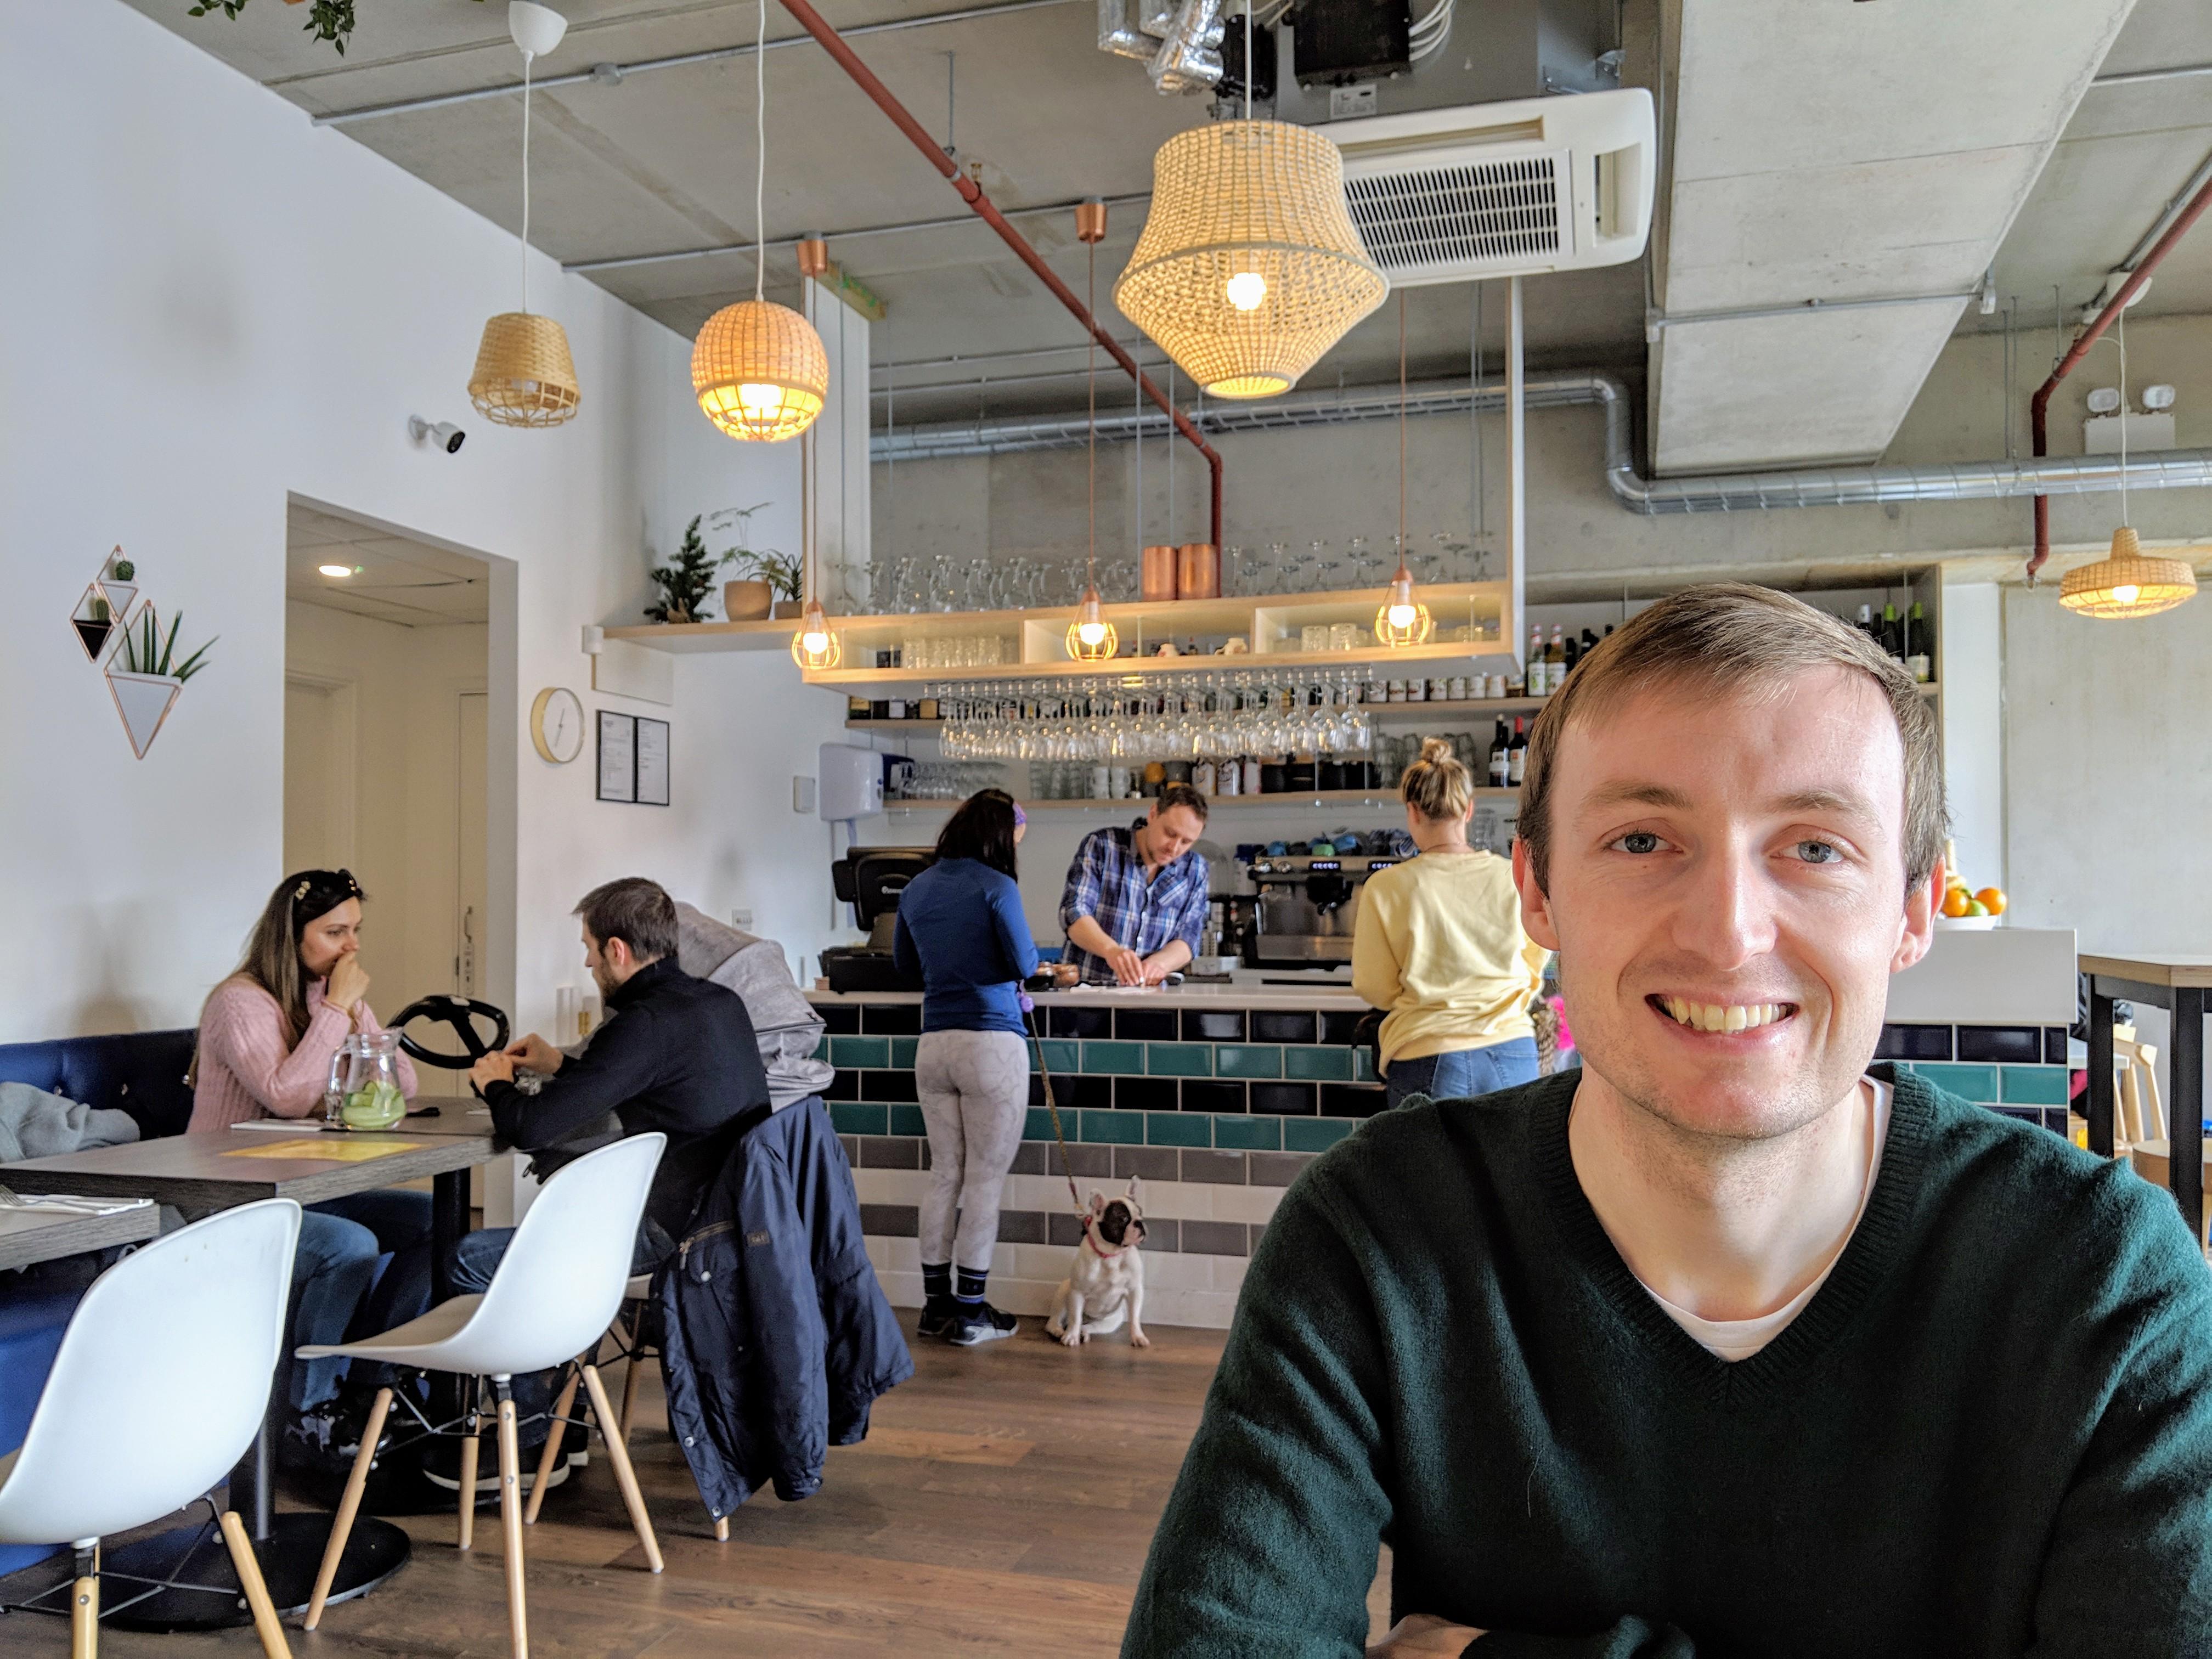 Tupi London レストラン イギリス